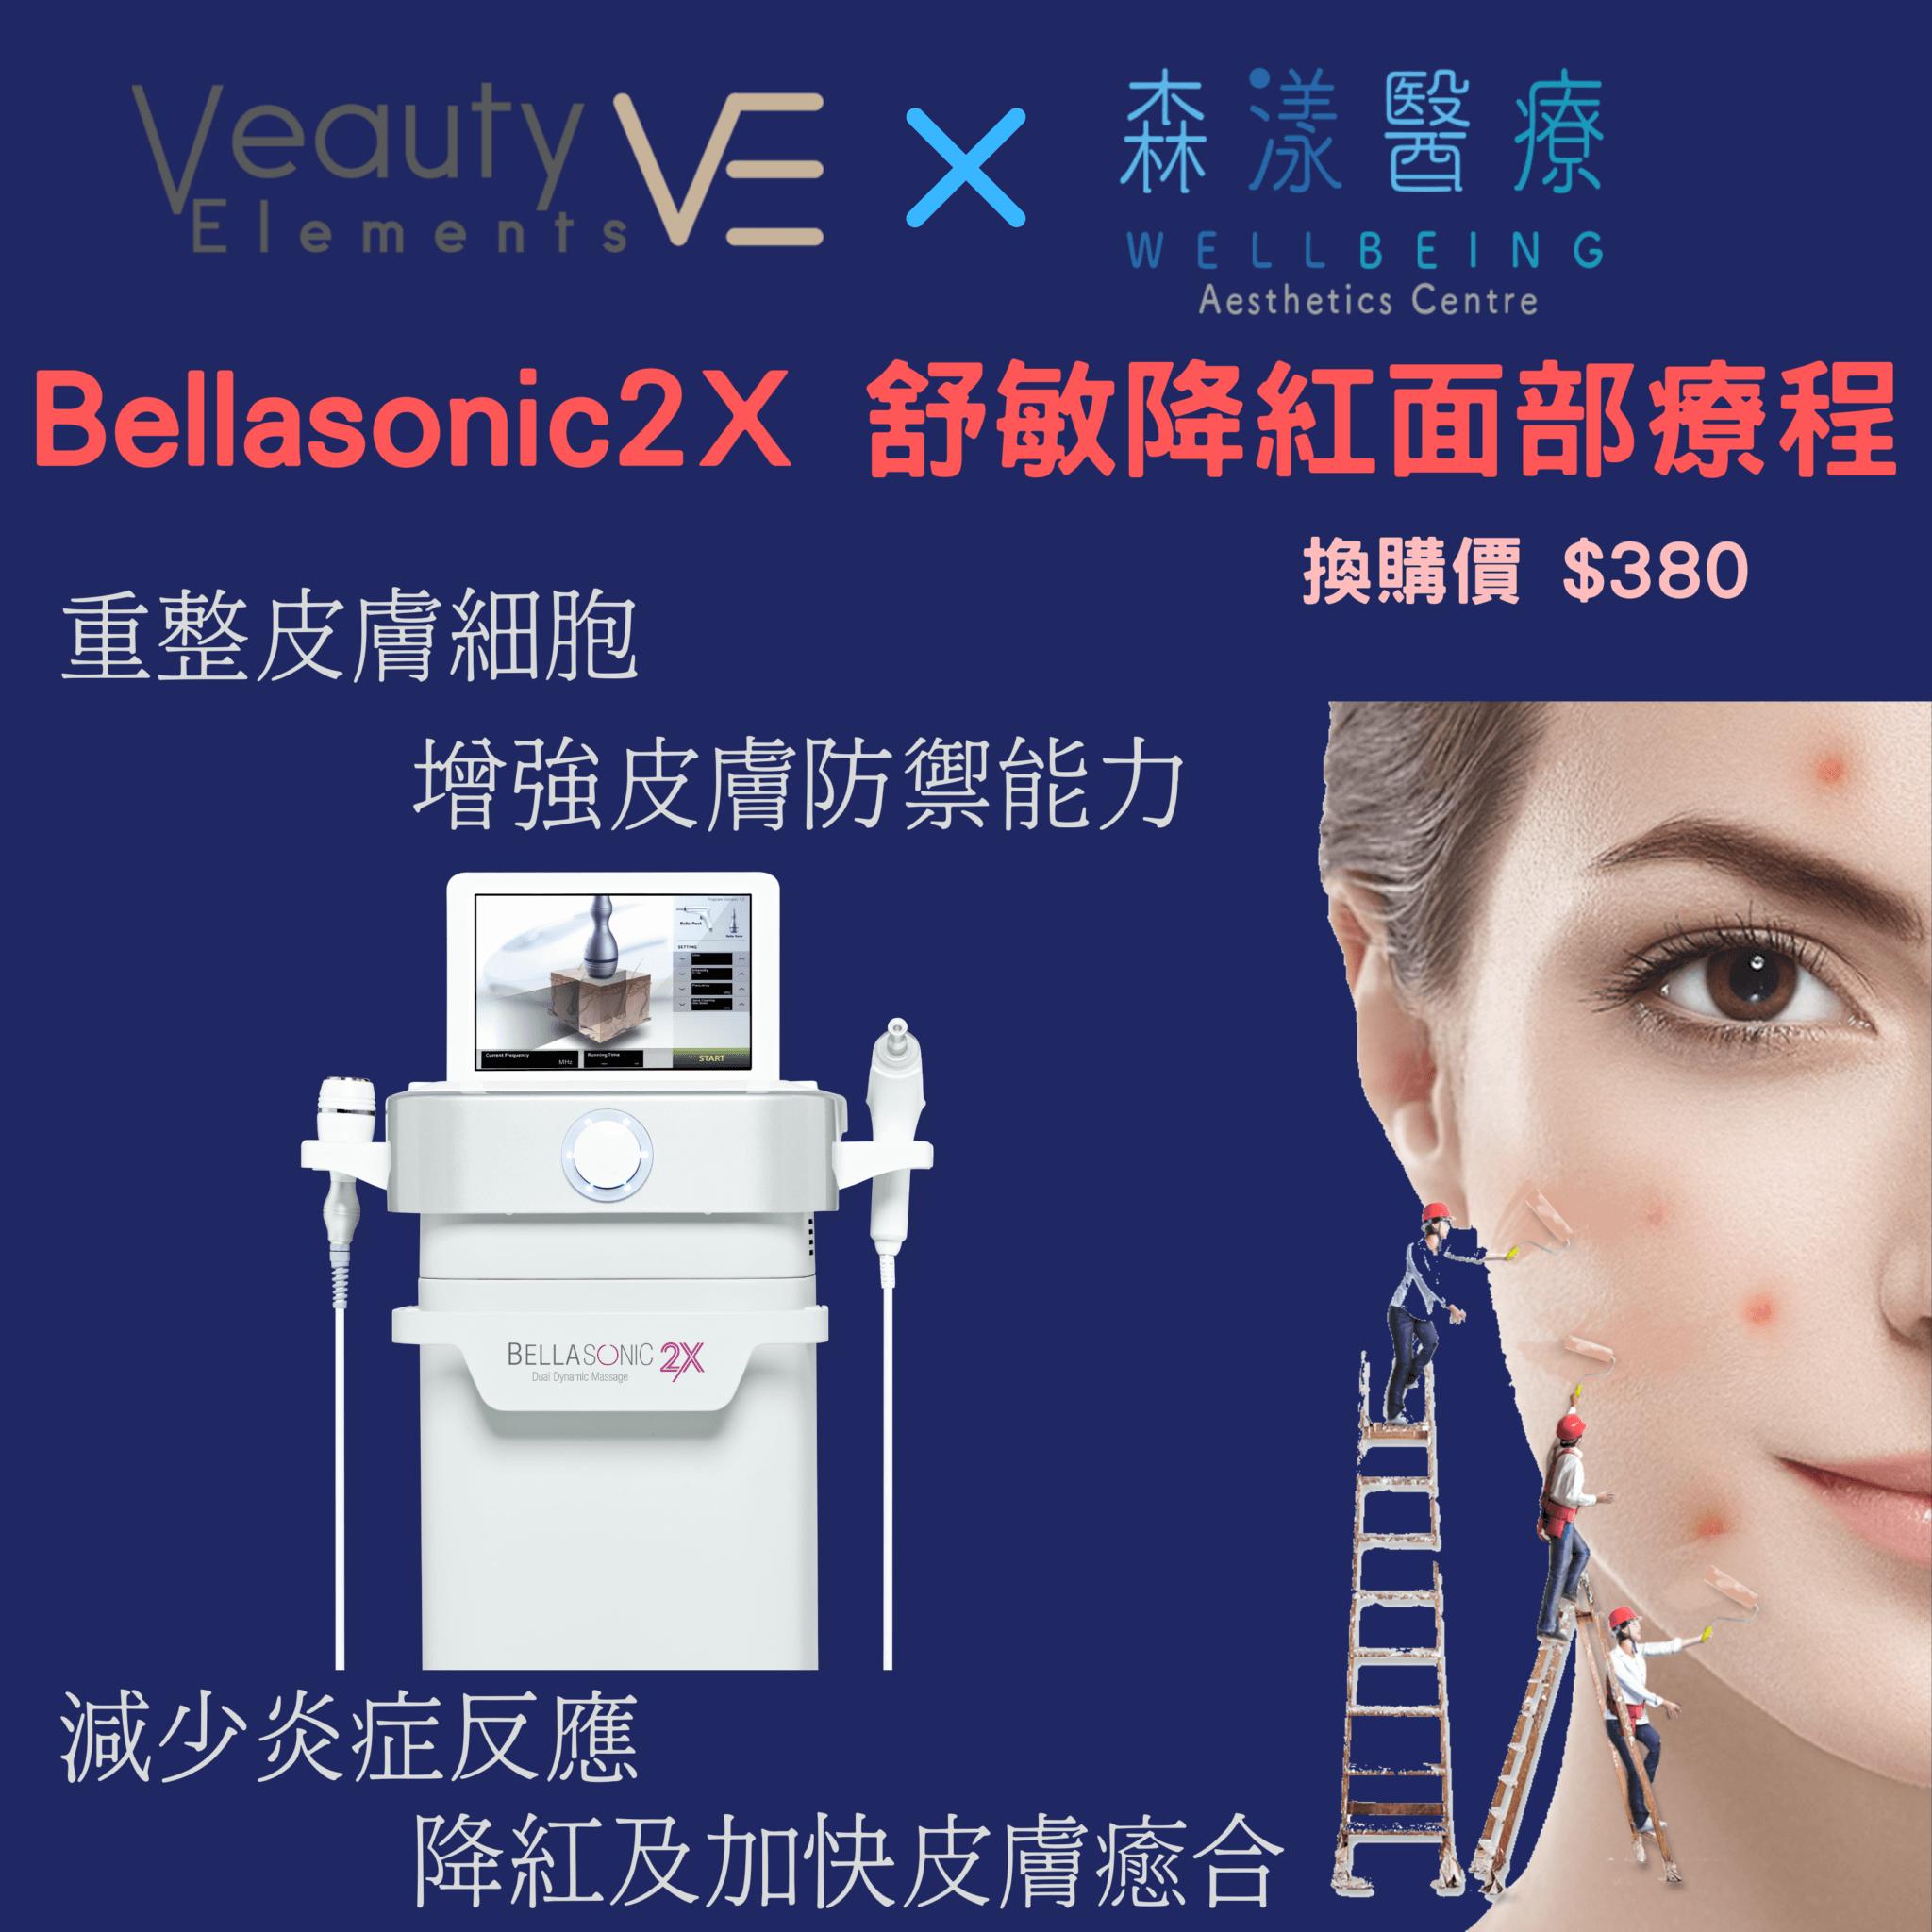 急救換購優惠 - Bellasonic 2X 舒敏降紅面部療程